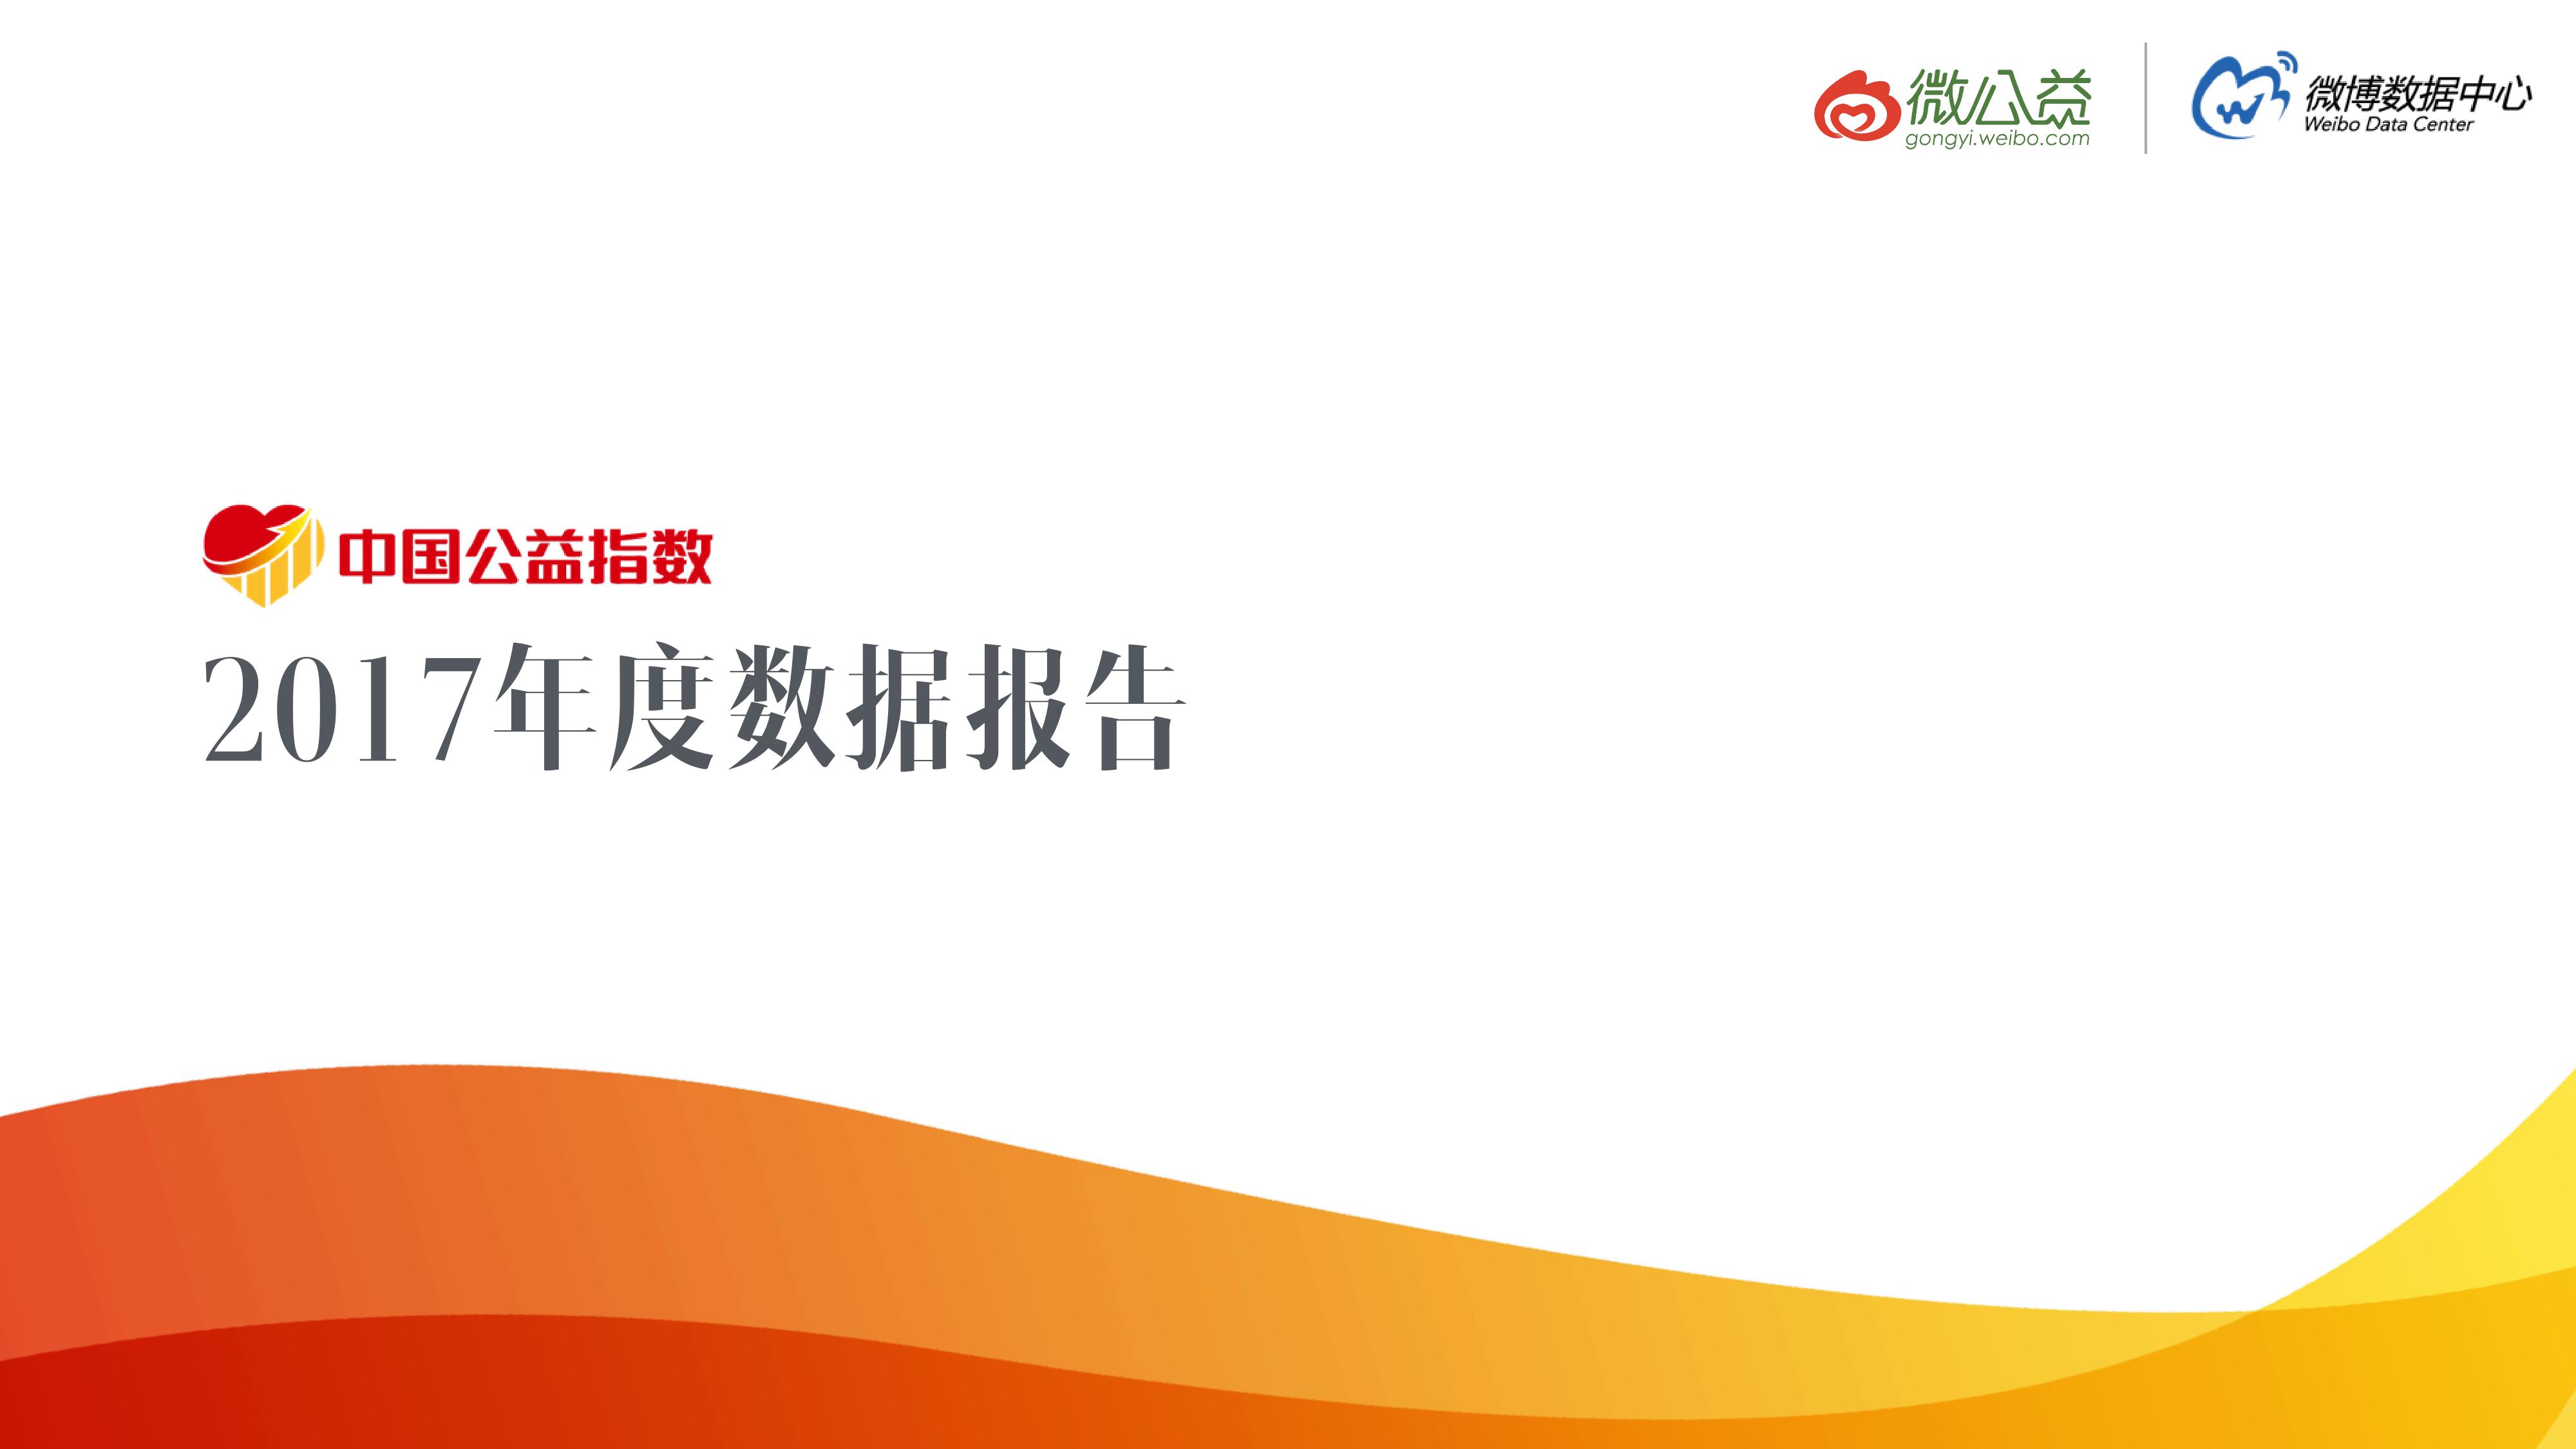 微博数据中心:2017年度中国公益指数报告(附下载)